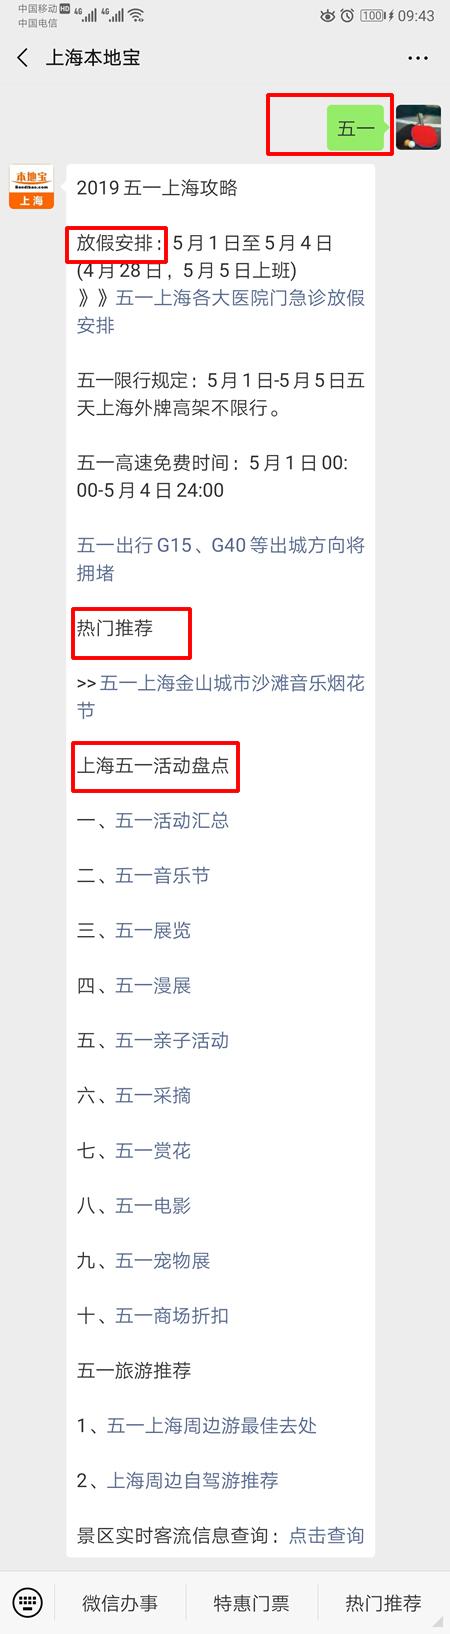 2019五一小长假上海城市规划展示馆观展指南